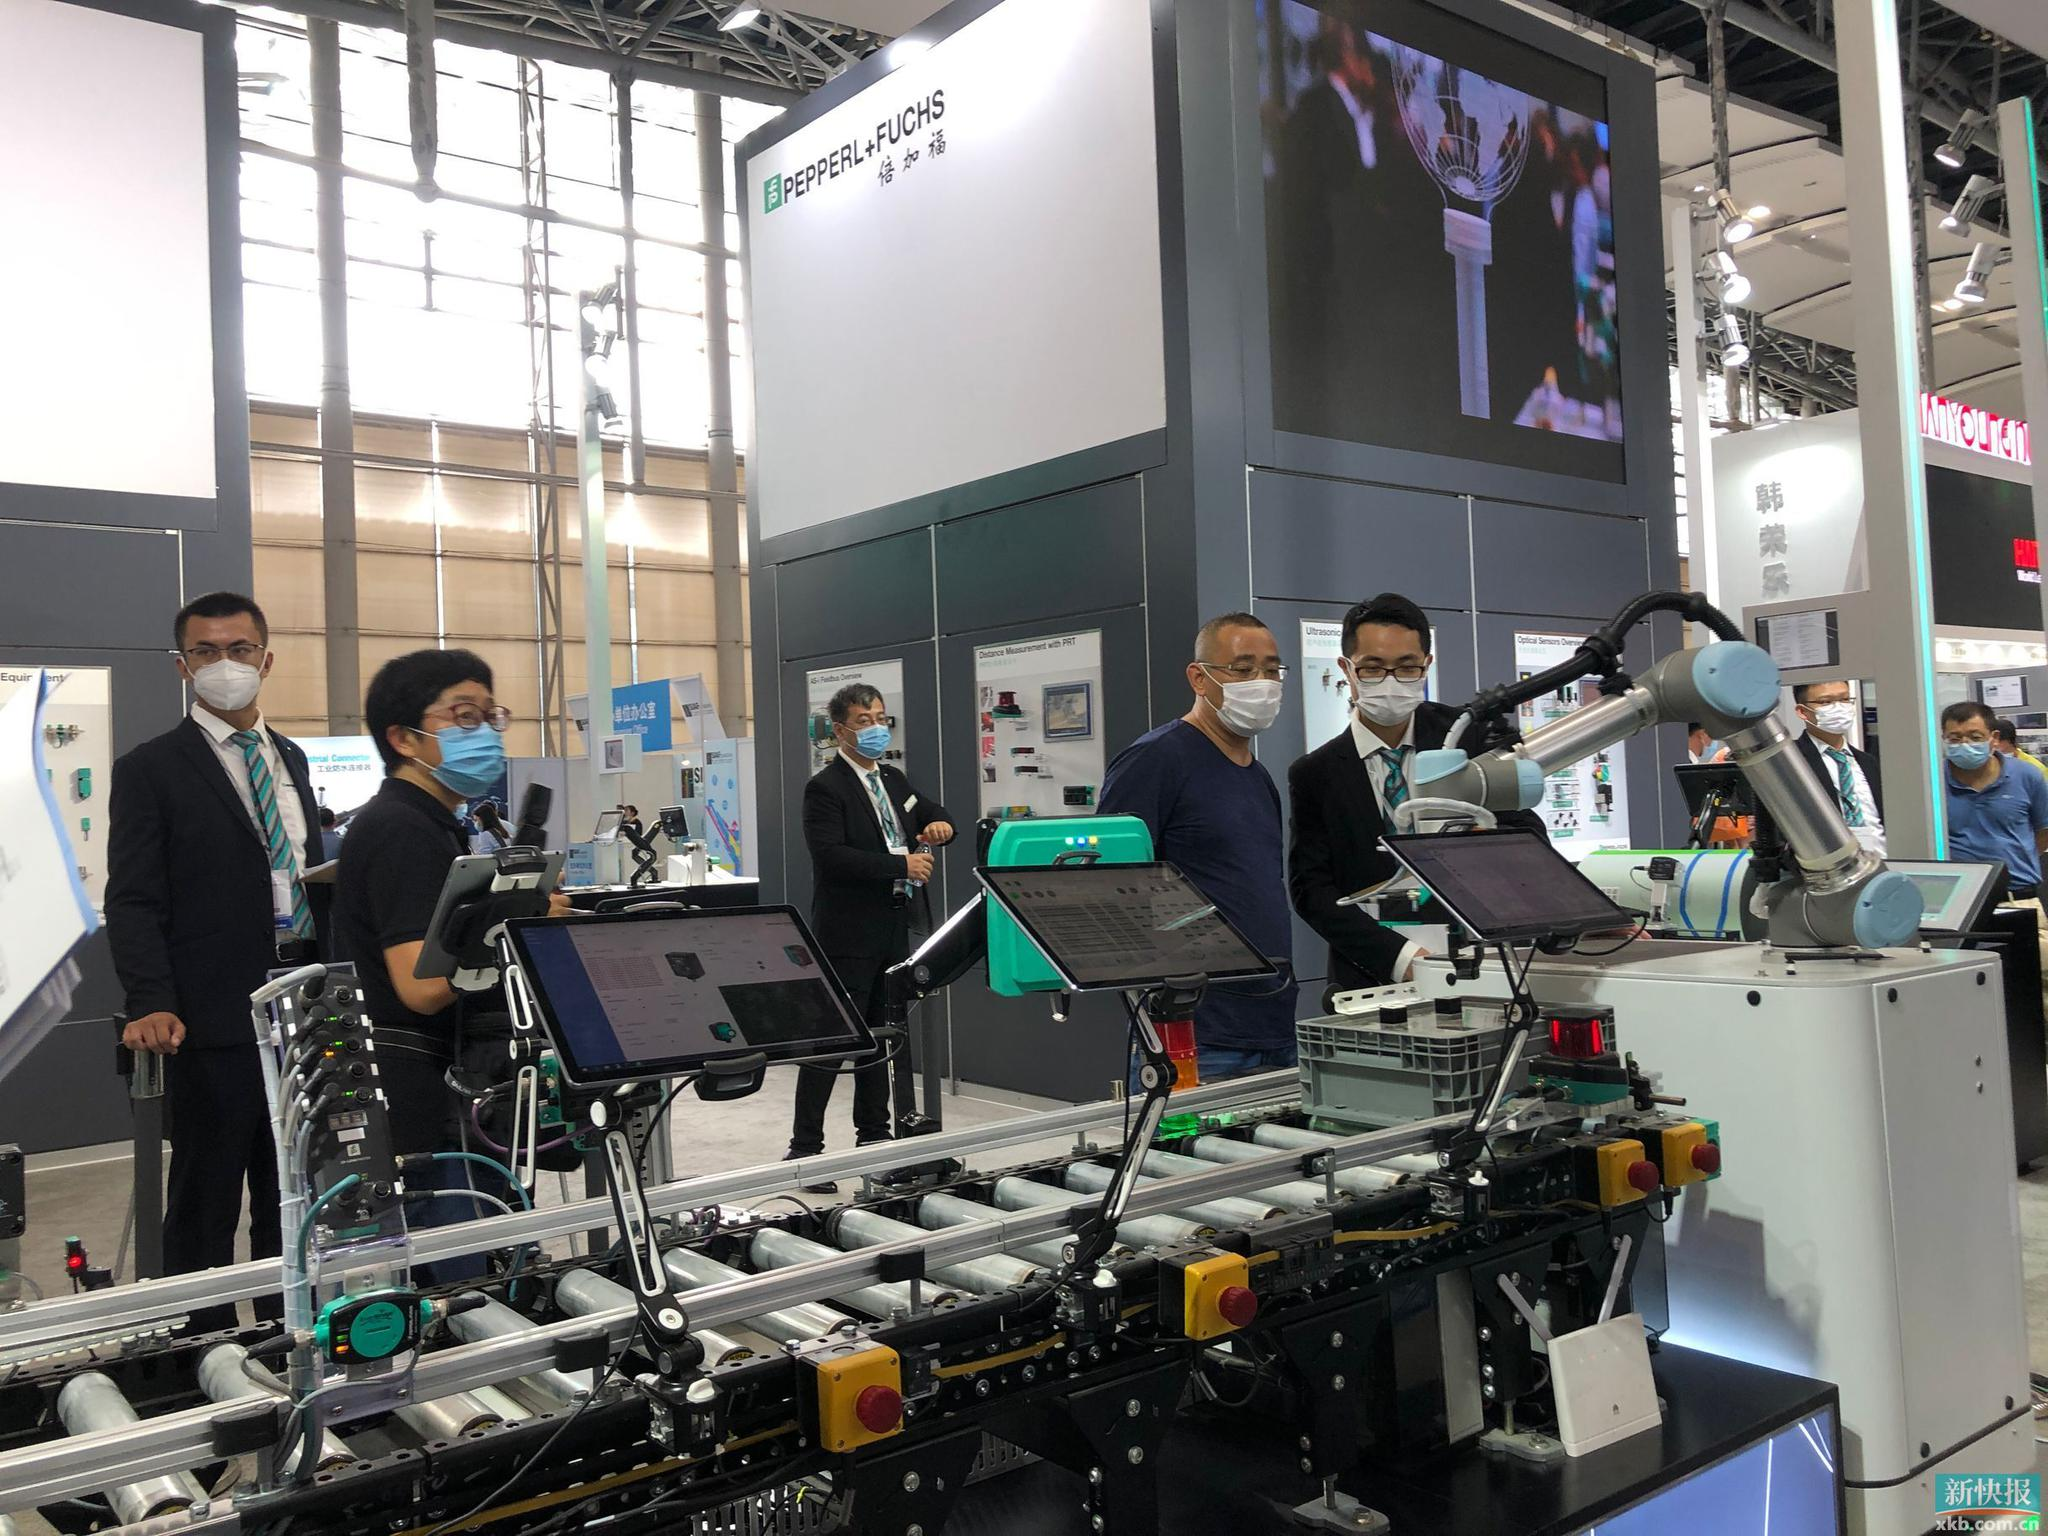 工业自动化技术及装备展重启,智能制造解决方案助行业复工复产